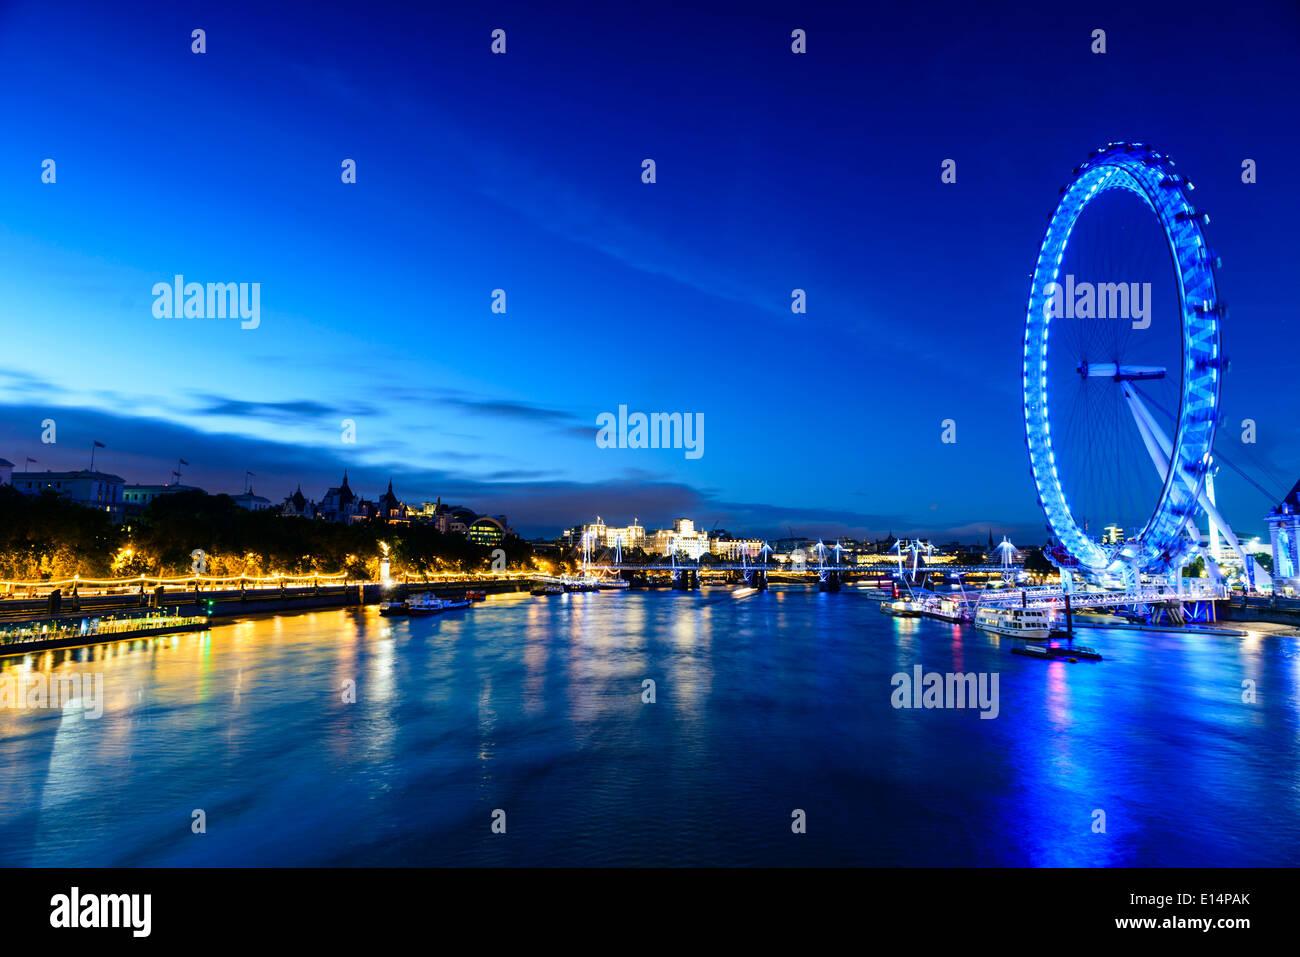 Occhio di Londra affacciato sul fiume anteriore, London, Regno Unito Immagini Stock